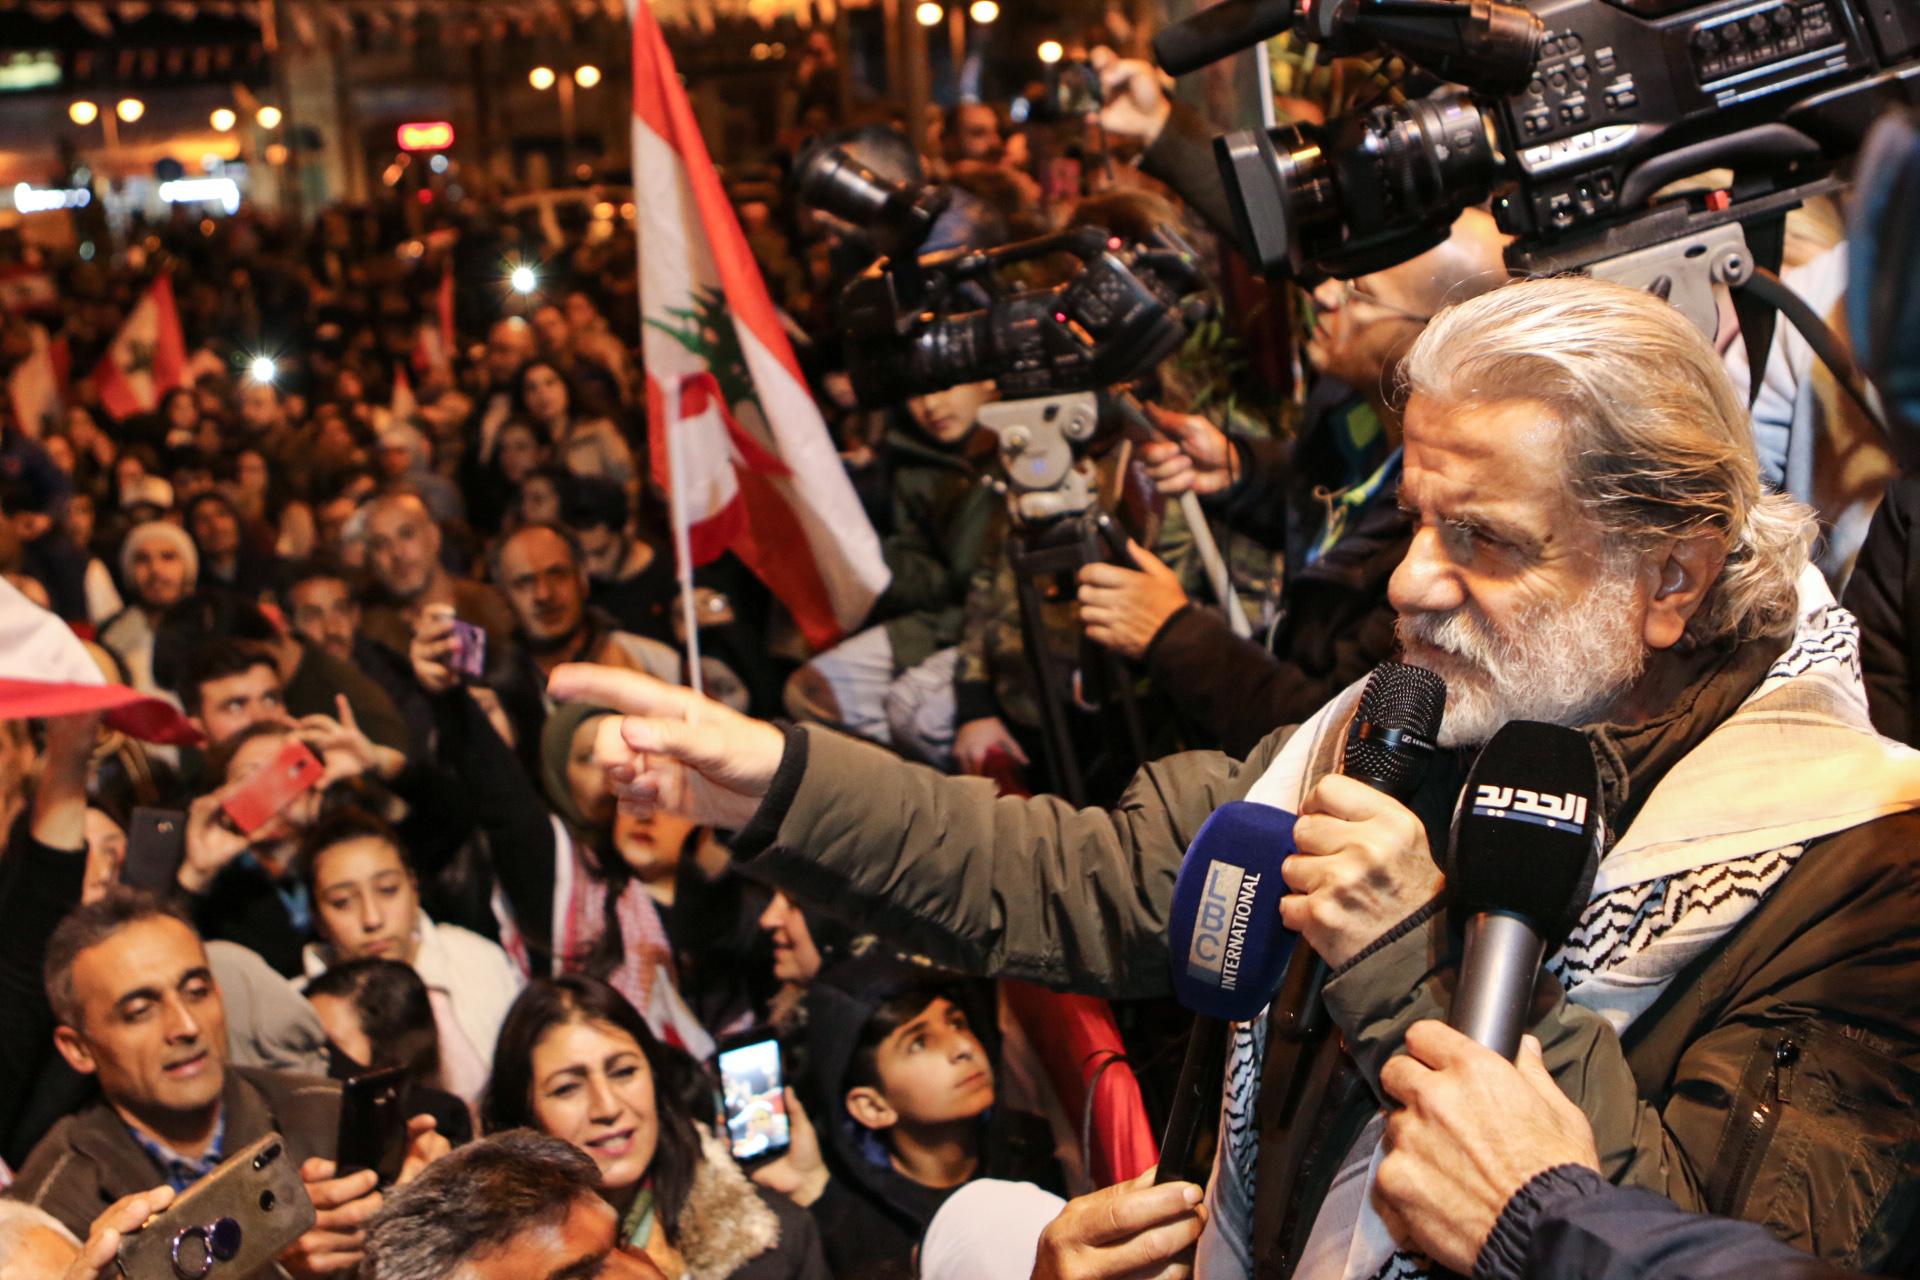 الفنان اللبناني مارسيل خليفة يخاطب جمعا من المحتجين في بيروت